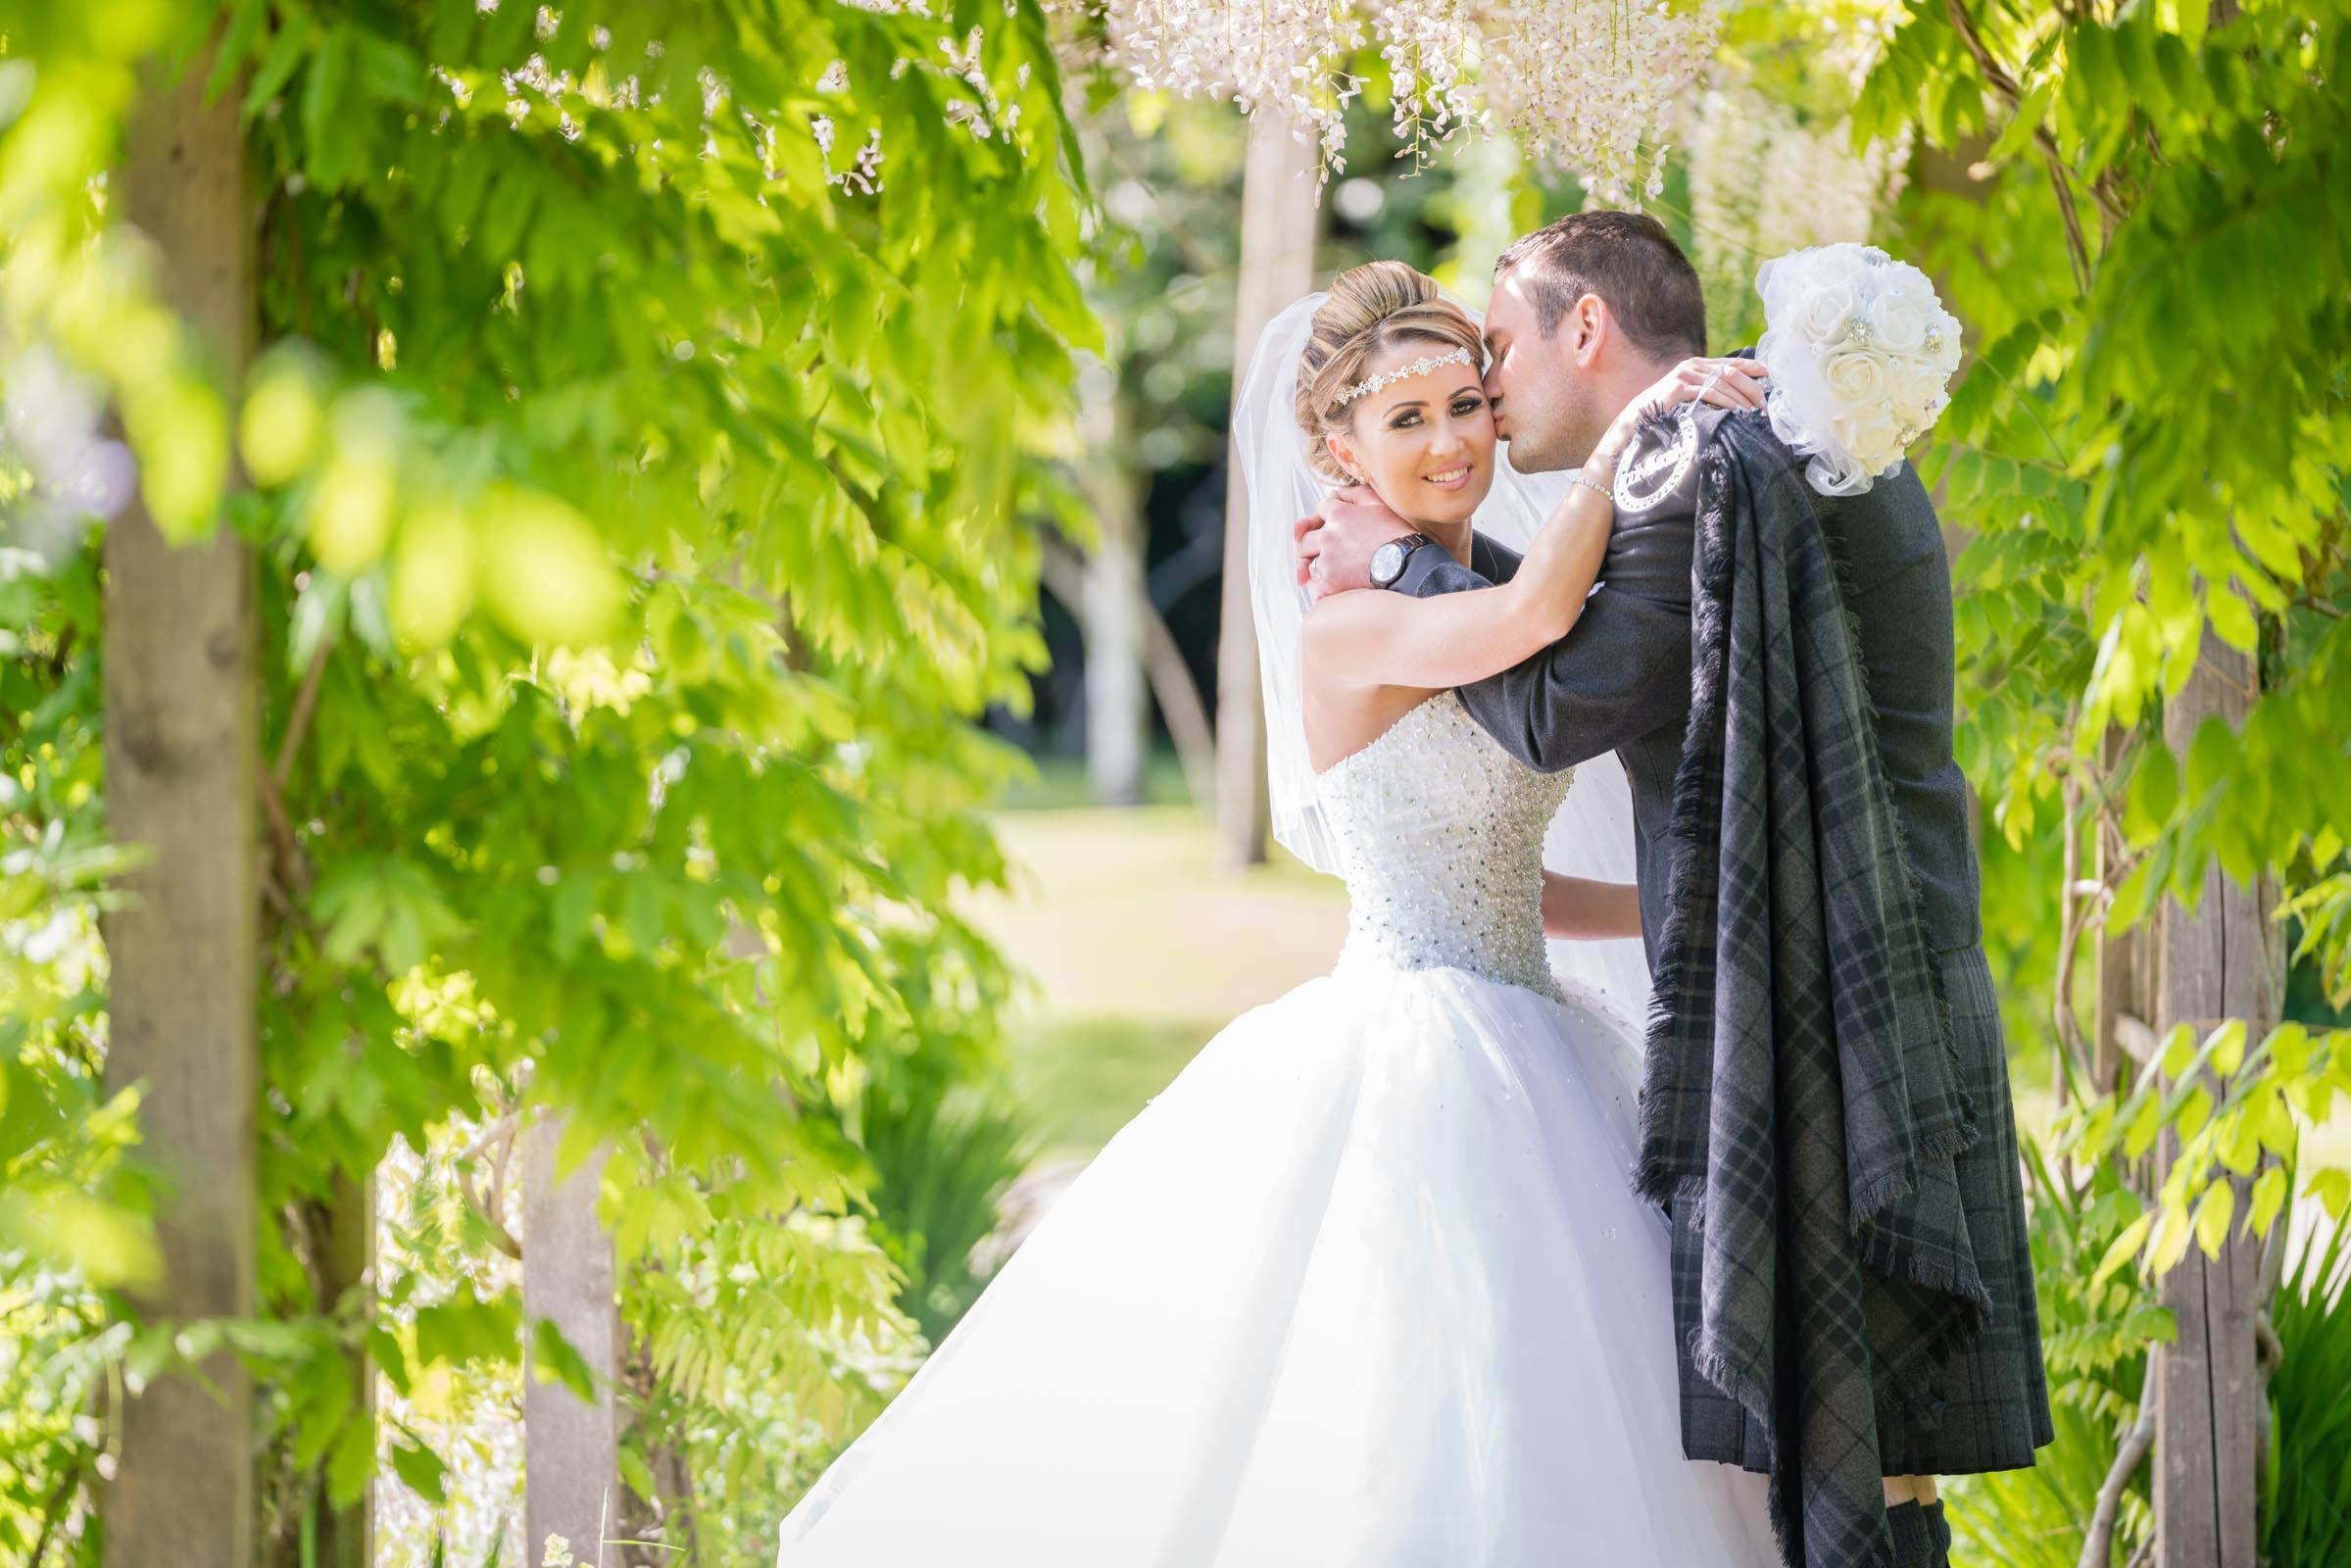 dalmeny-park-glasgow-wedding-dearlyphotography (15 of 16).jpg